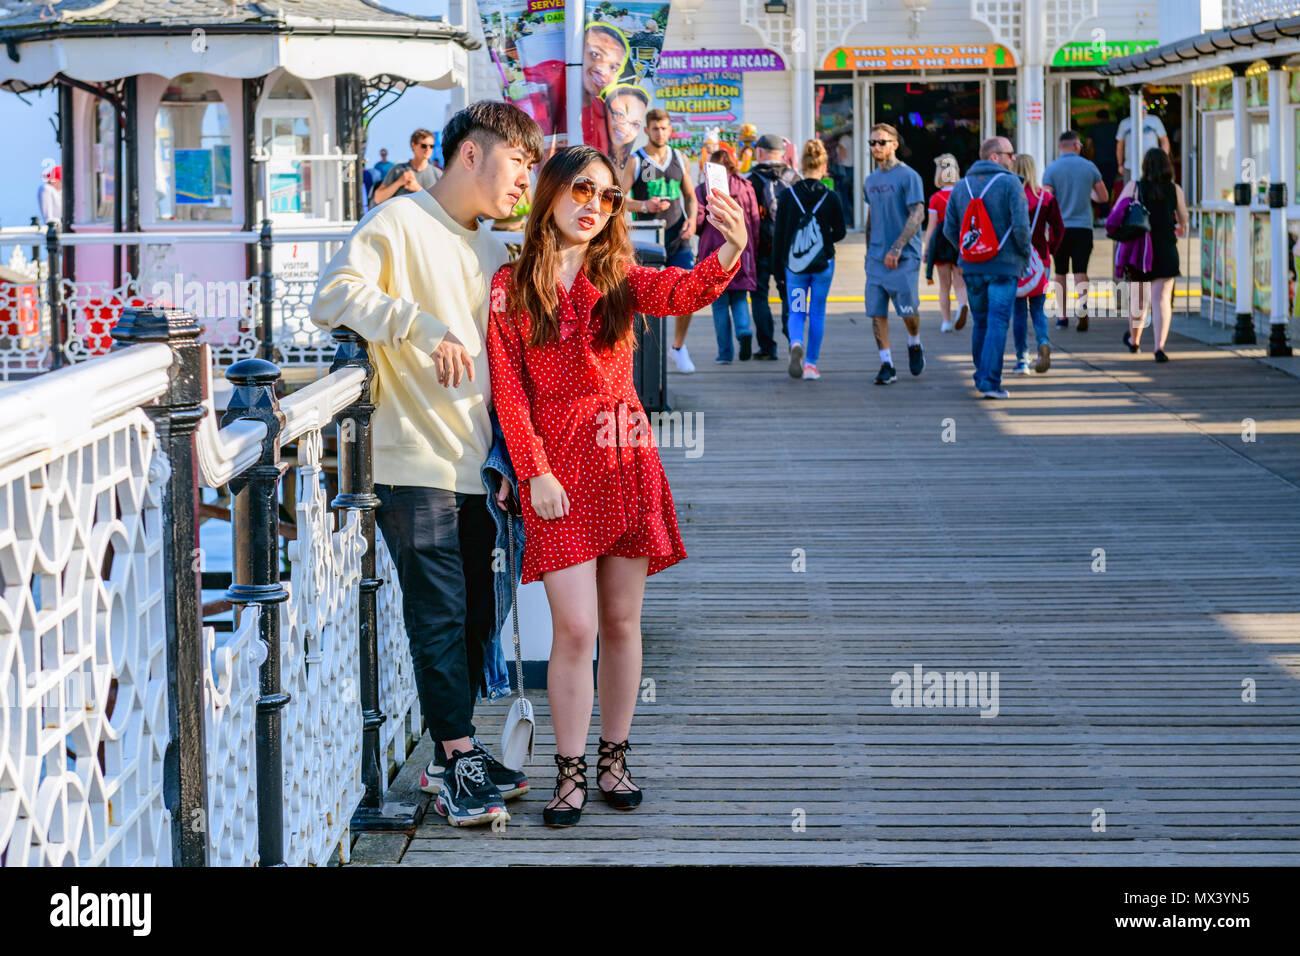 Asia oriental de una pareja posando para un selfie en Brighton Pier Imagen De Stock